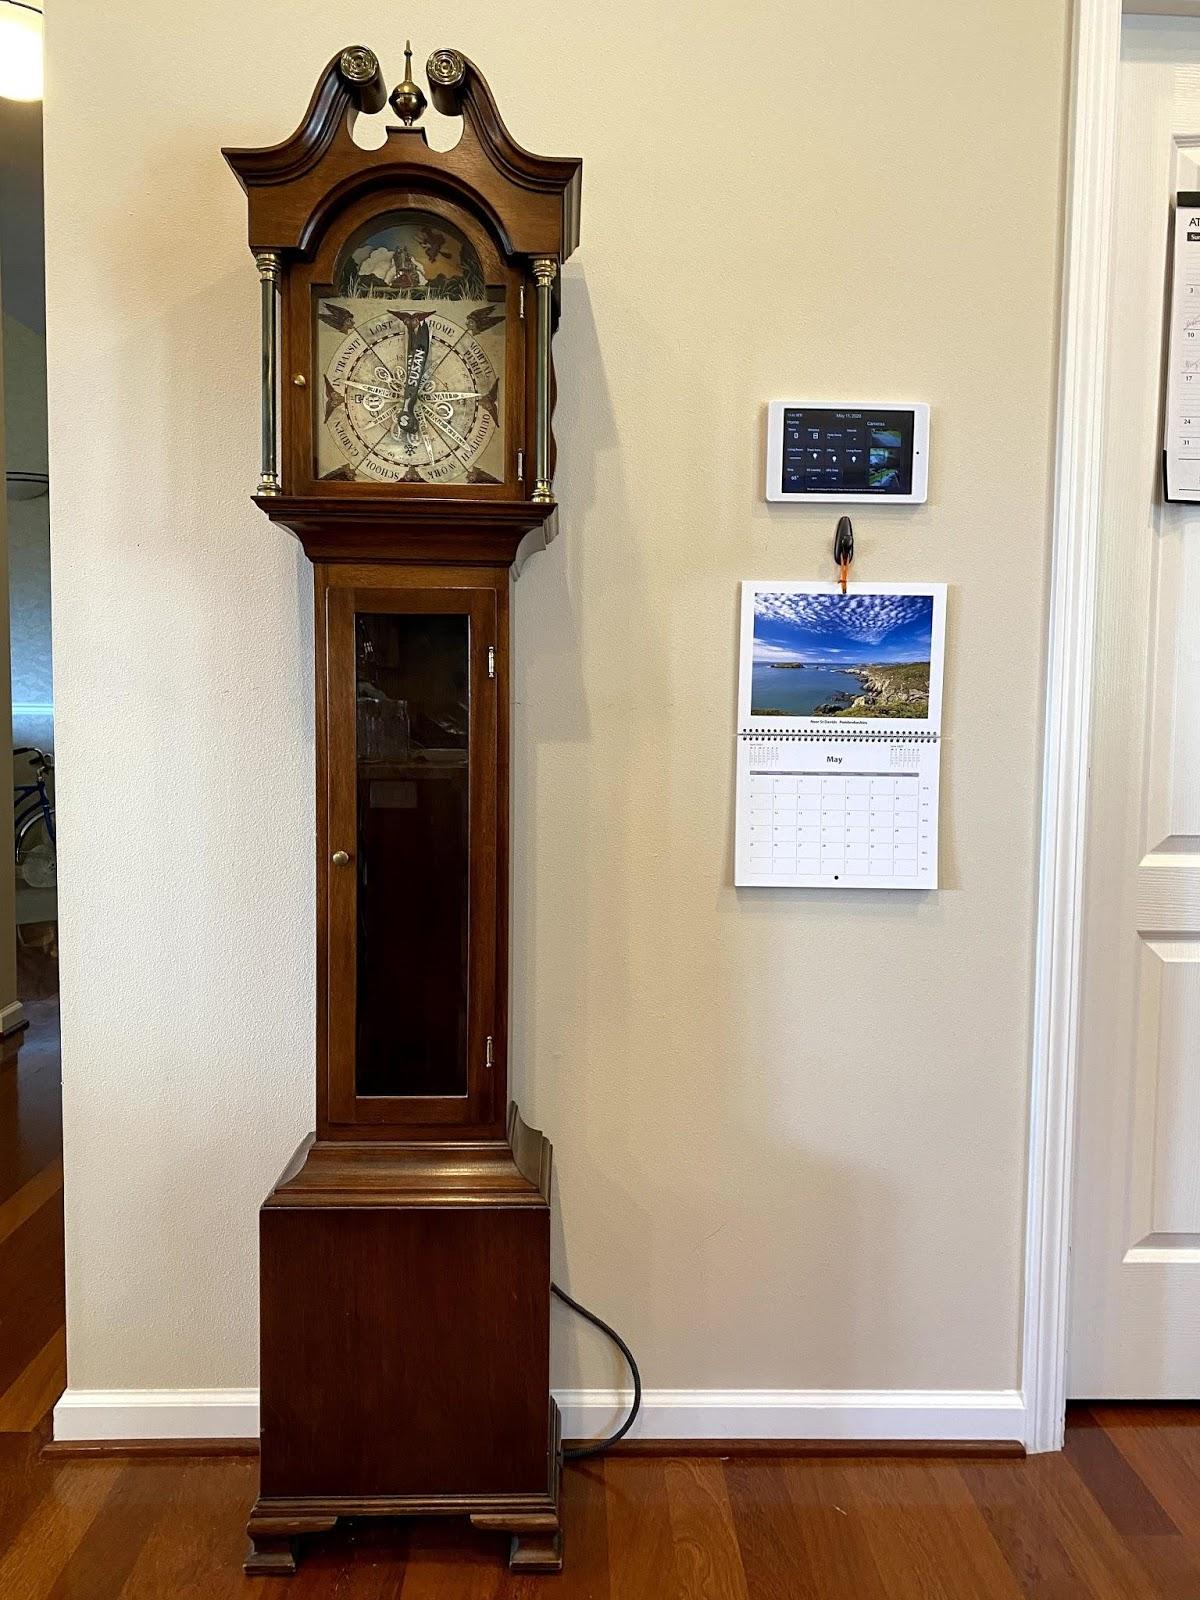 Проект «часов Уизли» с демонстрацией местоположения членов семьи - 7